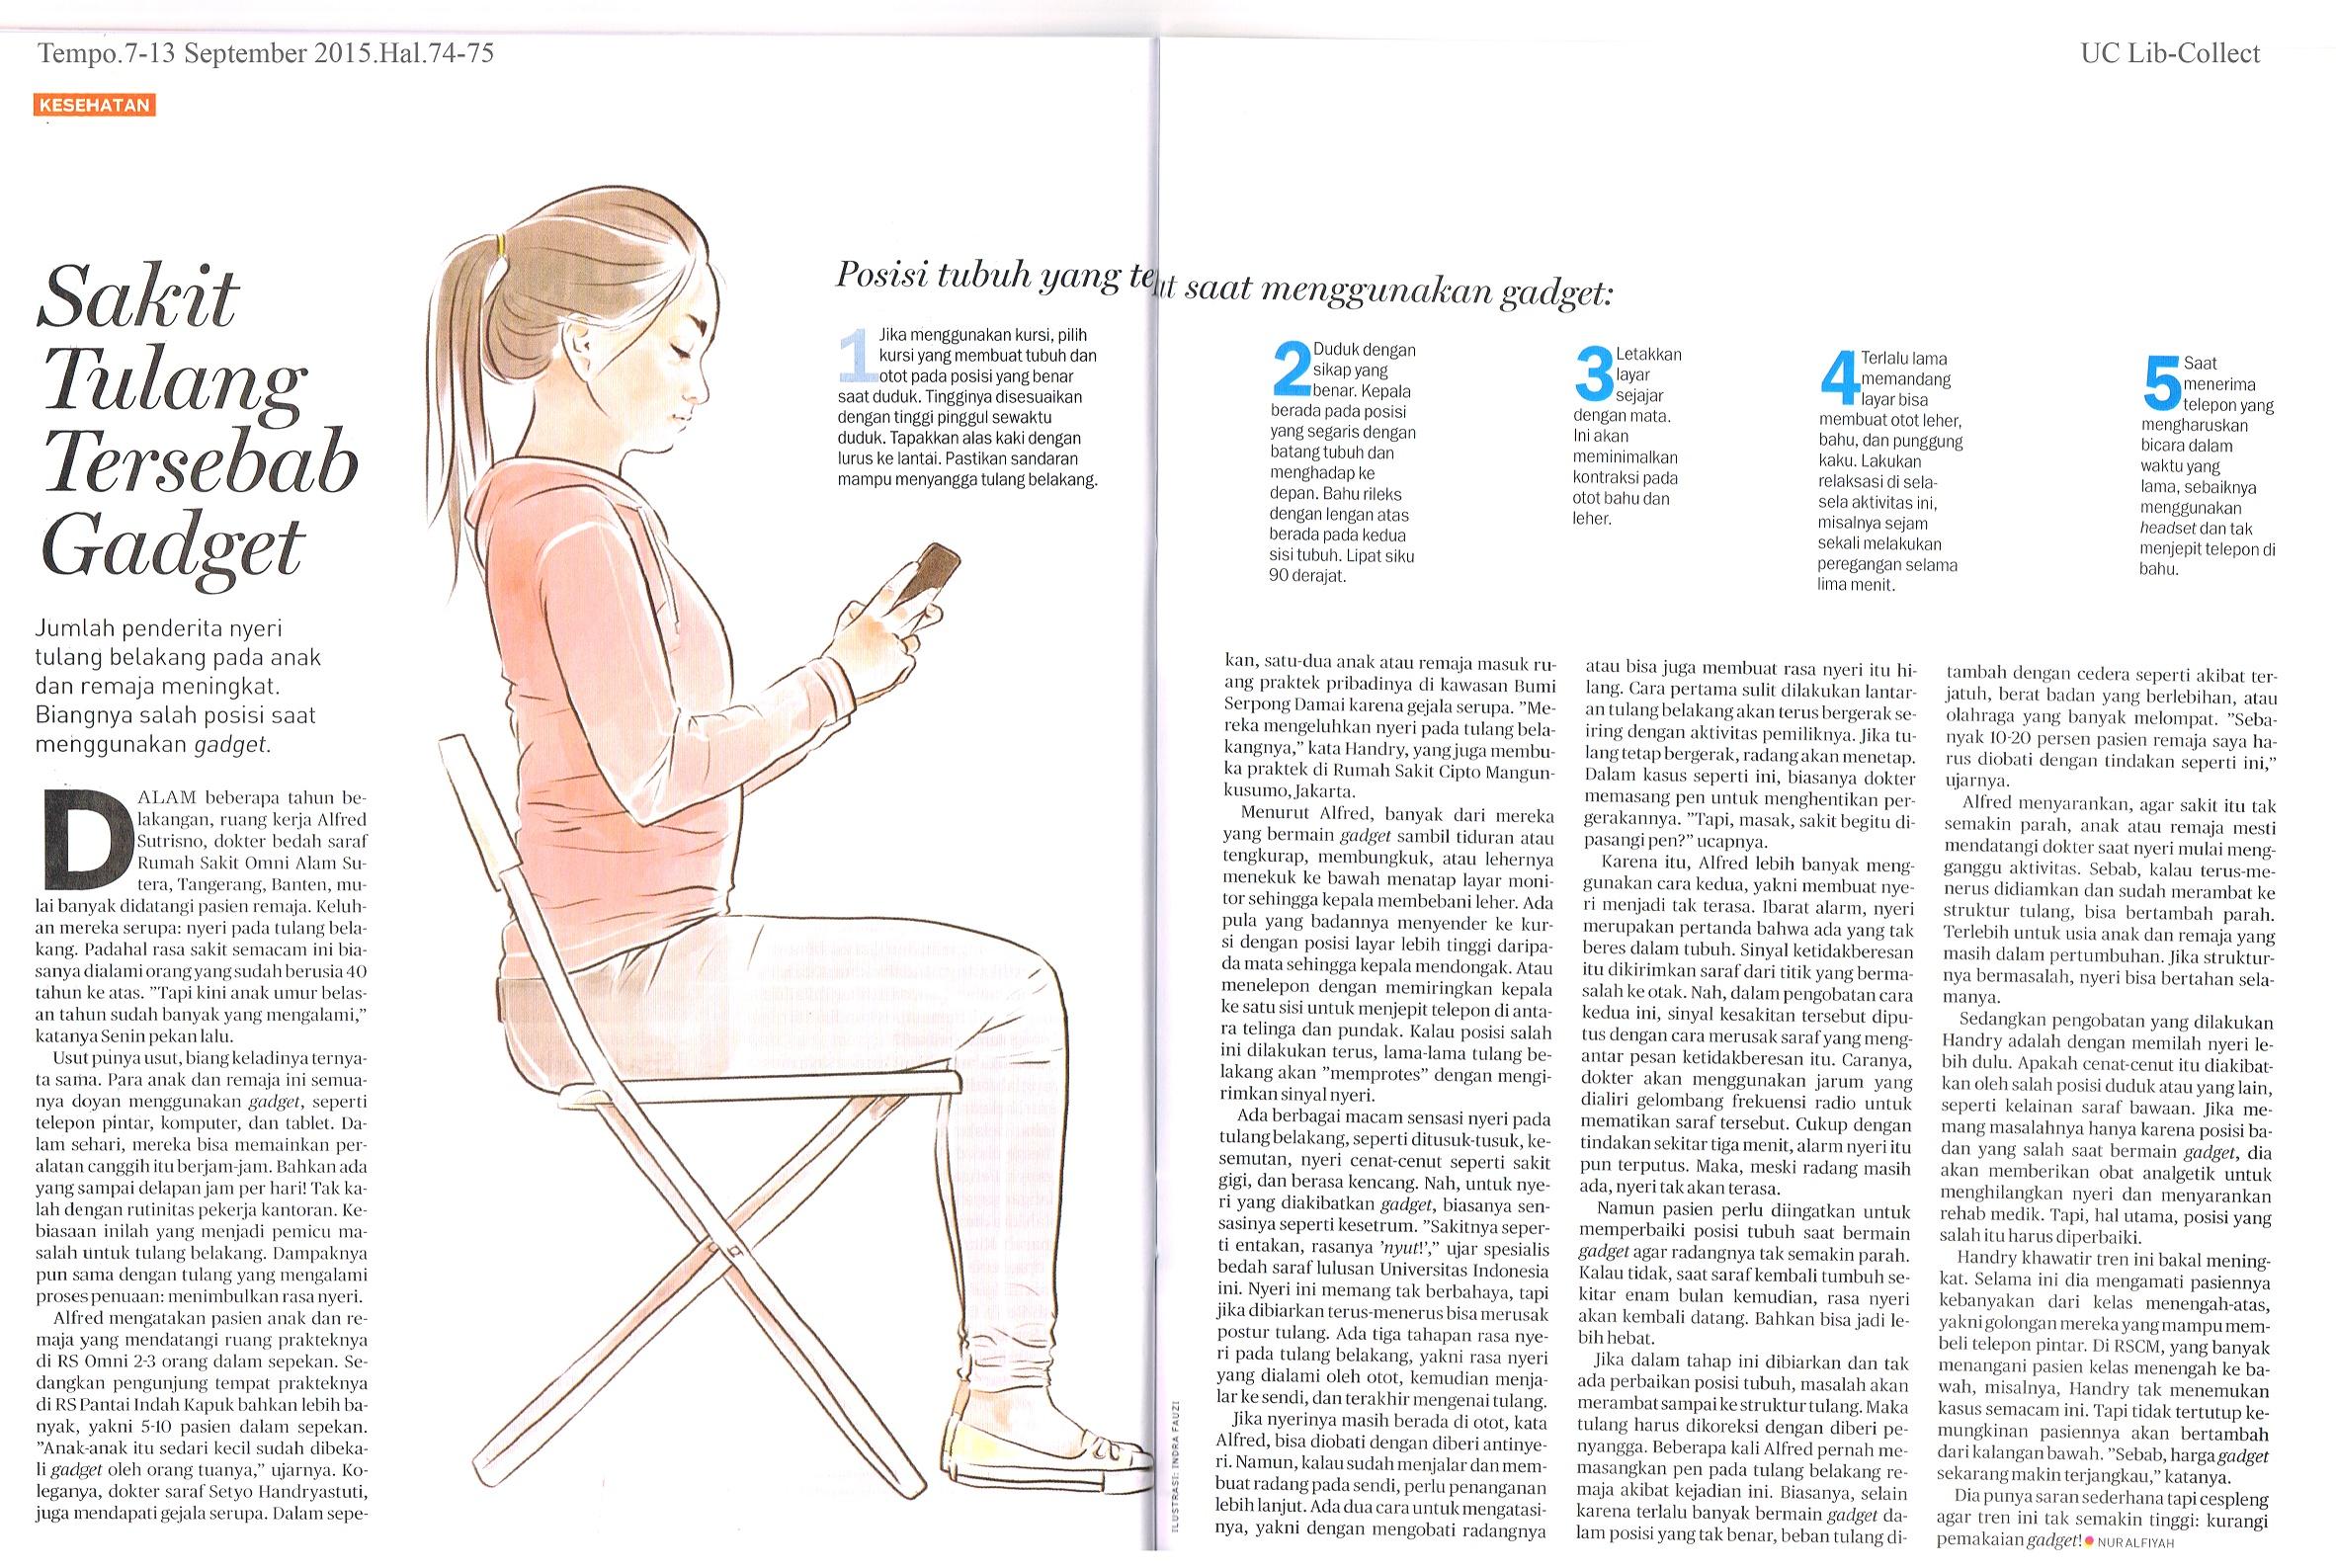 Sakit Tulang Tersebab Gadget.Tempo.7-13 September 2015.Hal.74-75